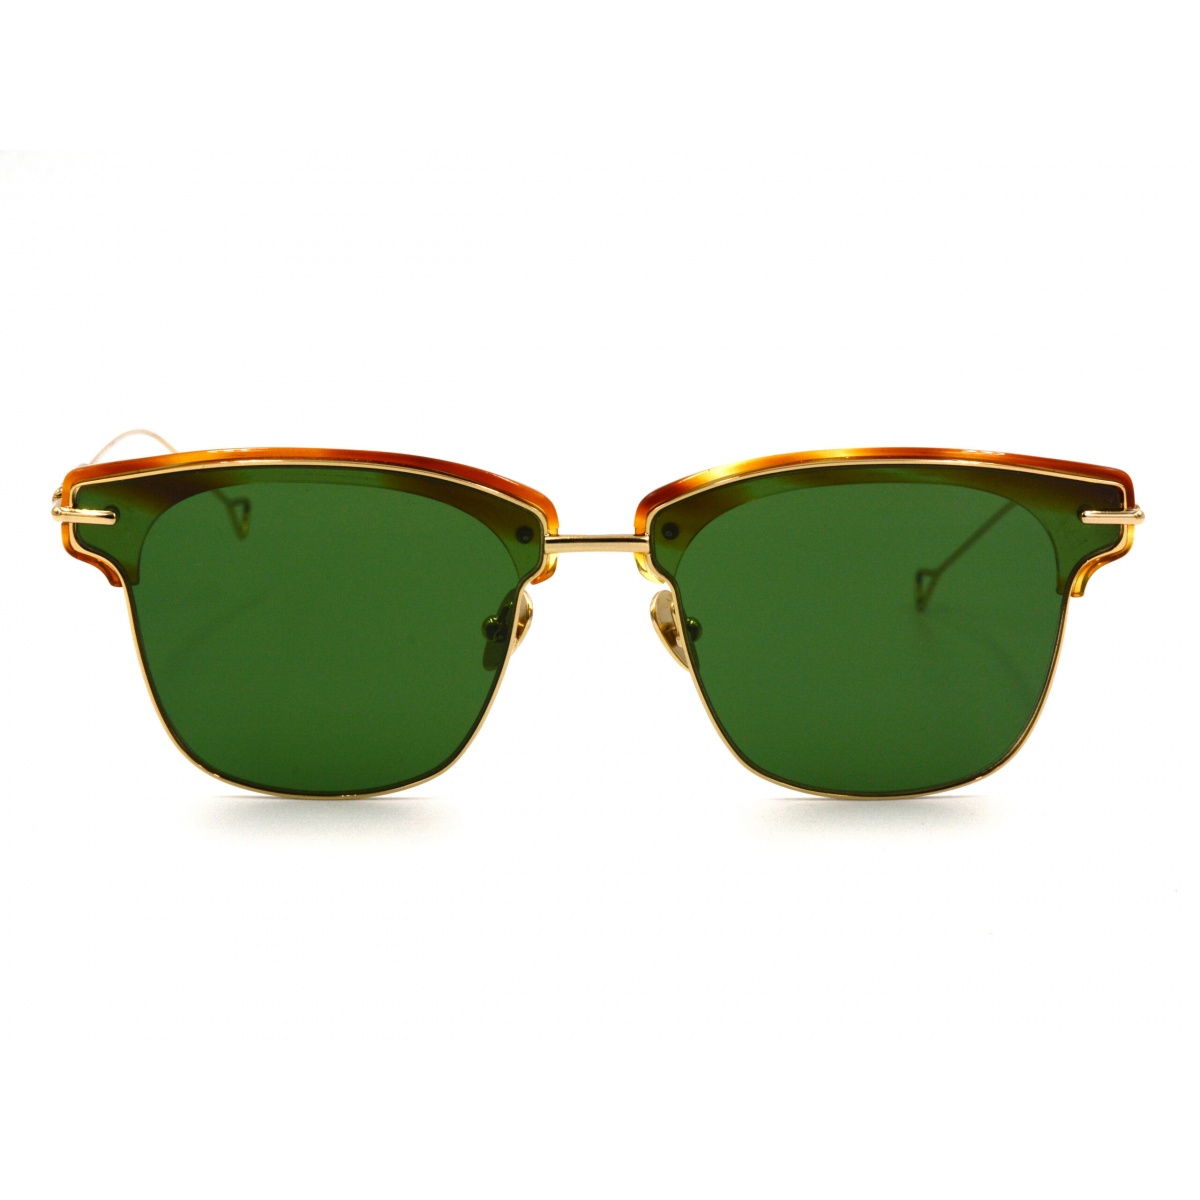 Γυαλιά ηλίου HAZE COLLECTION ALLEV 5GN 63-14